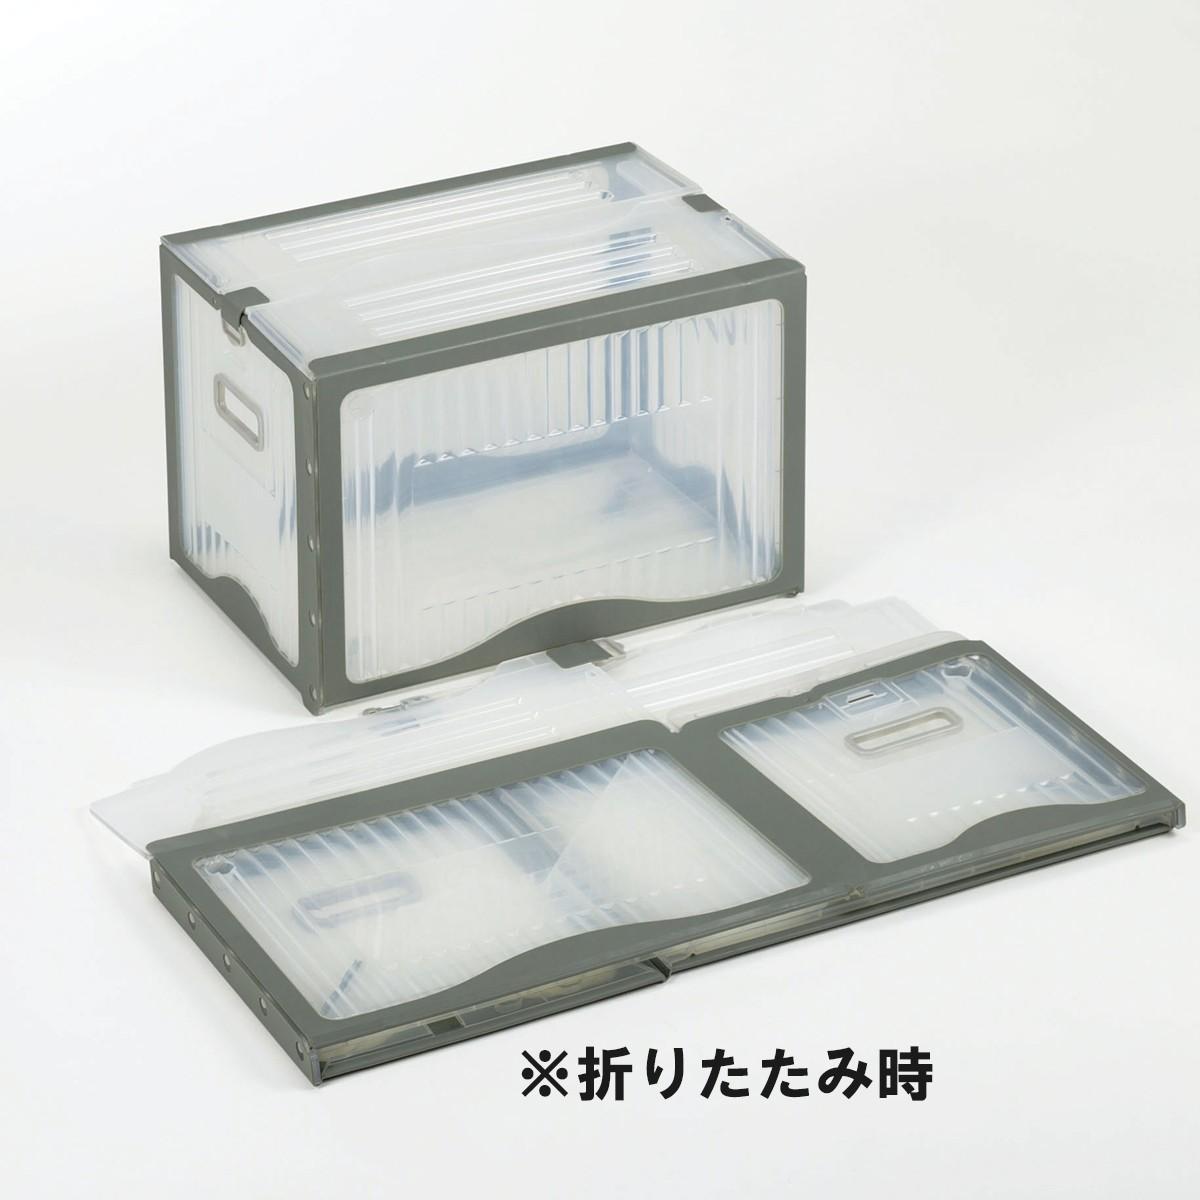 折りたたみ式クリアボックス 40BII 【 整理 箱 保管 工具 小道具 収納 】